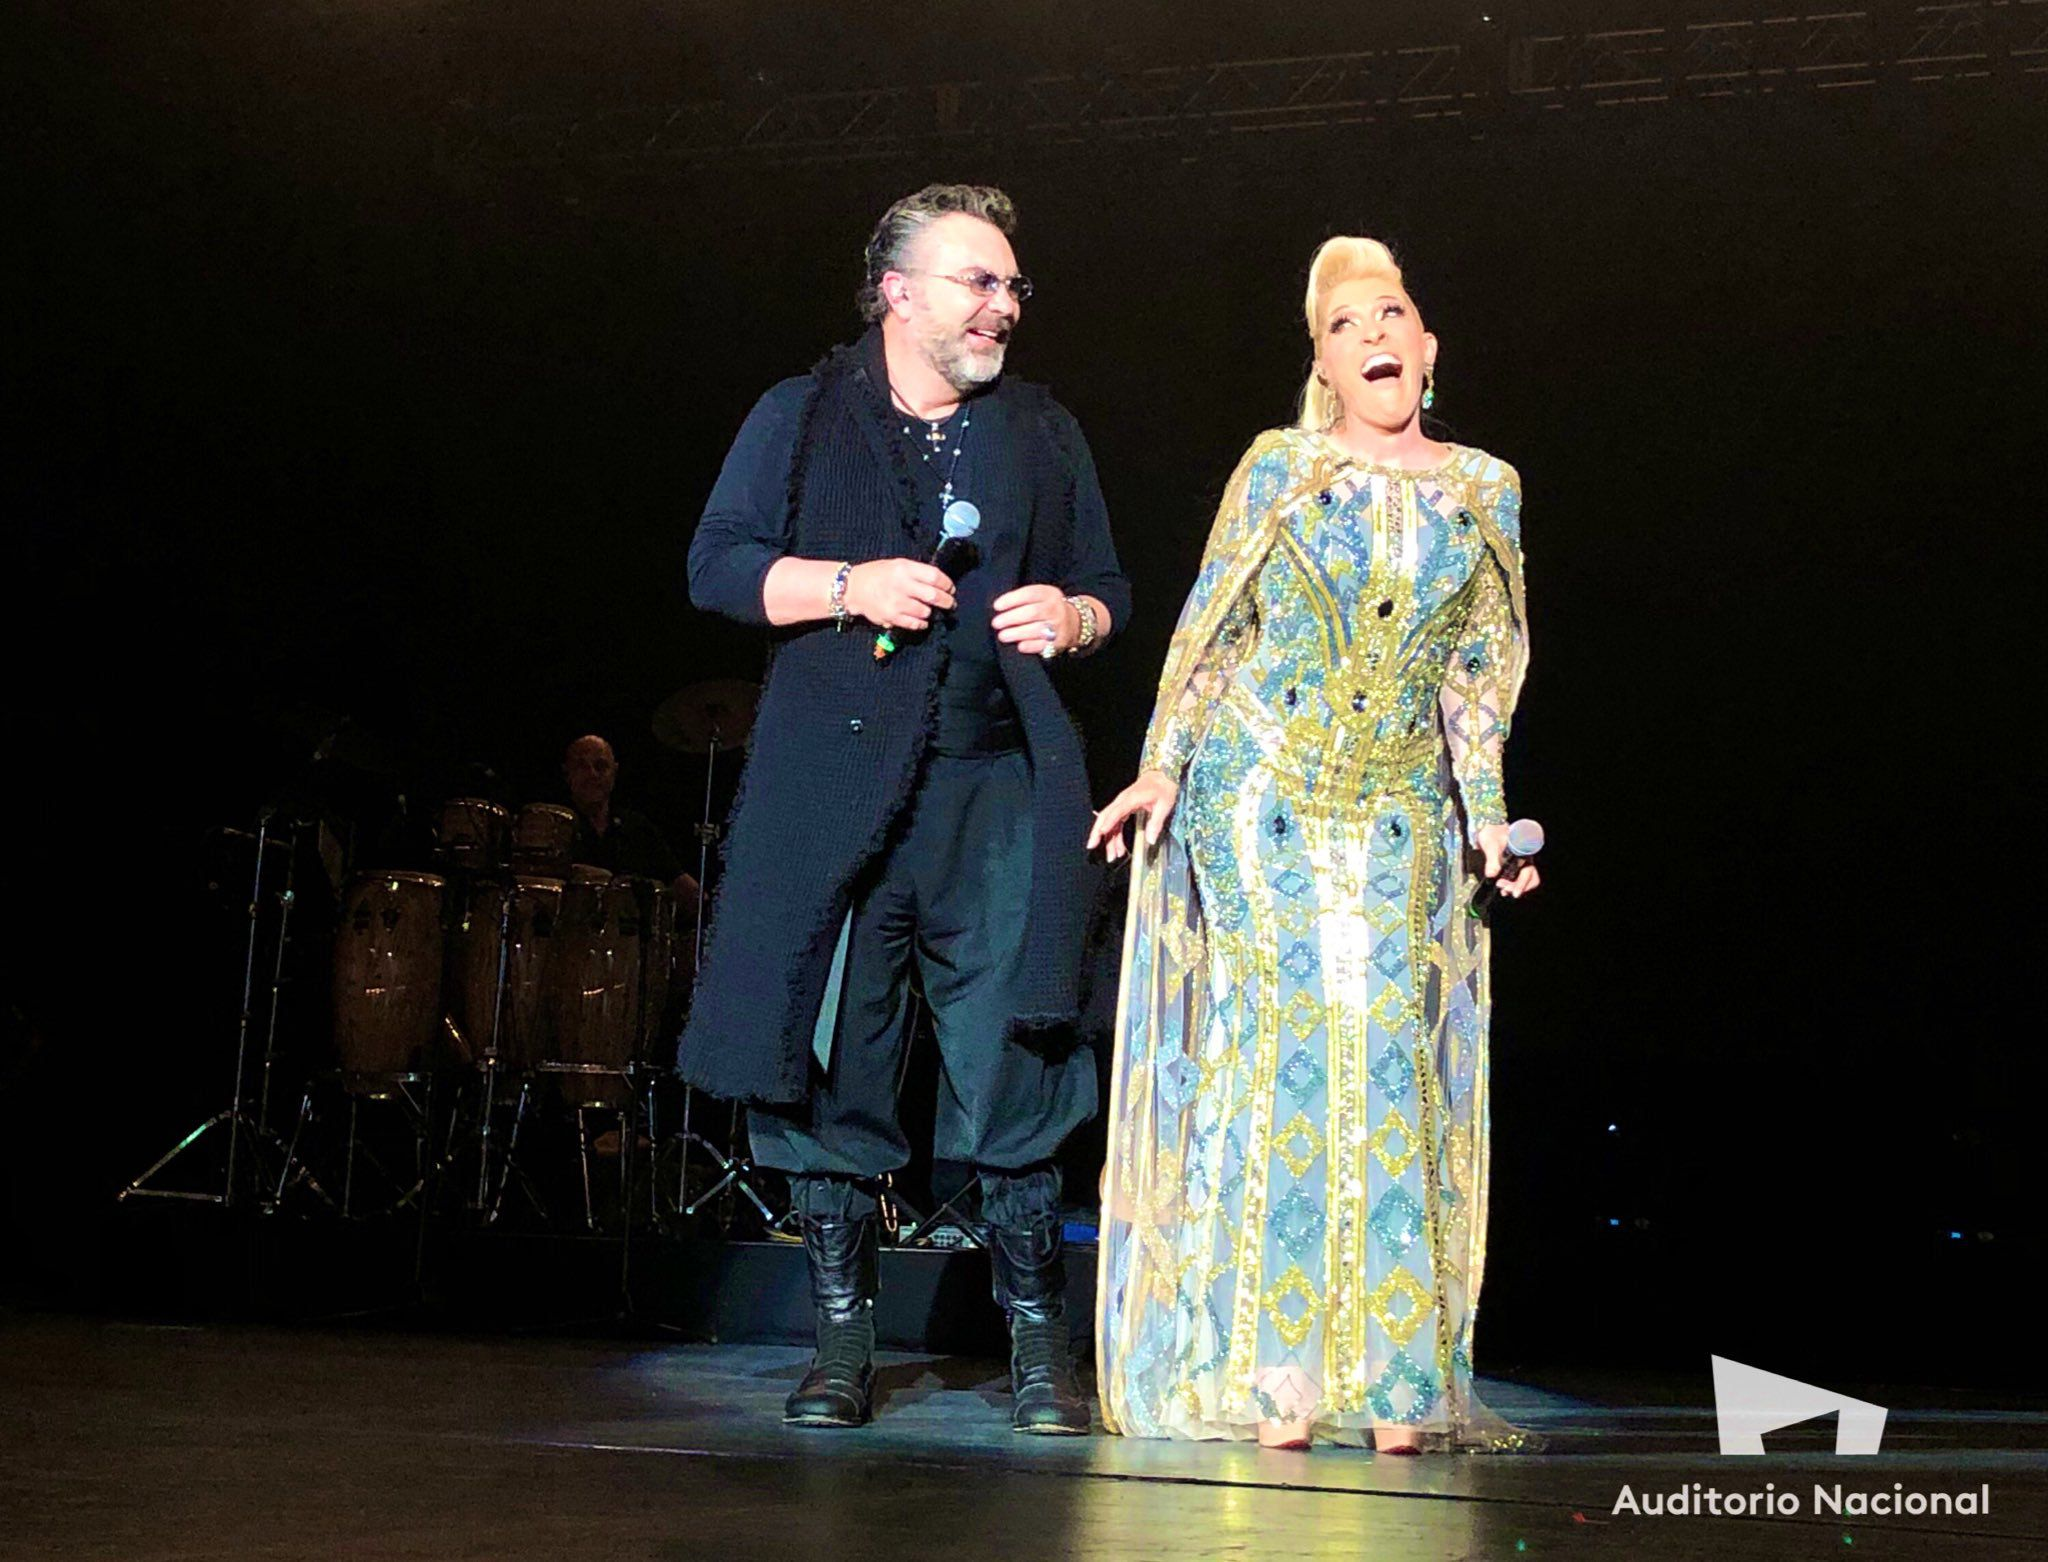 El cantante Mijares y Yuri cantaron juntos en el escenario. (Foto: Twitter)